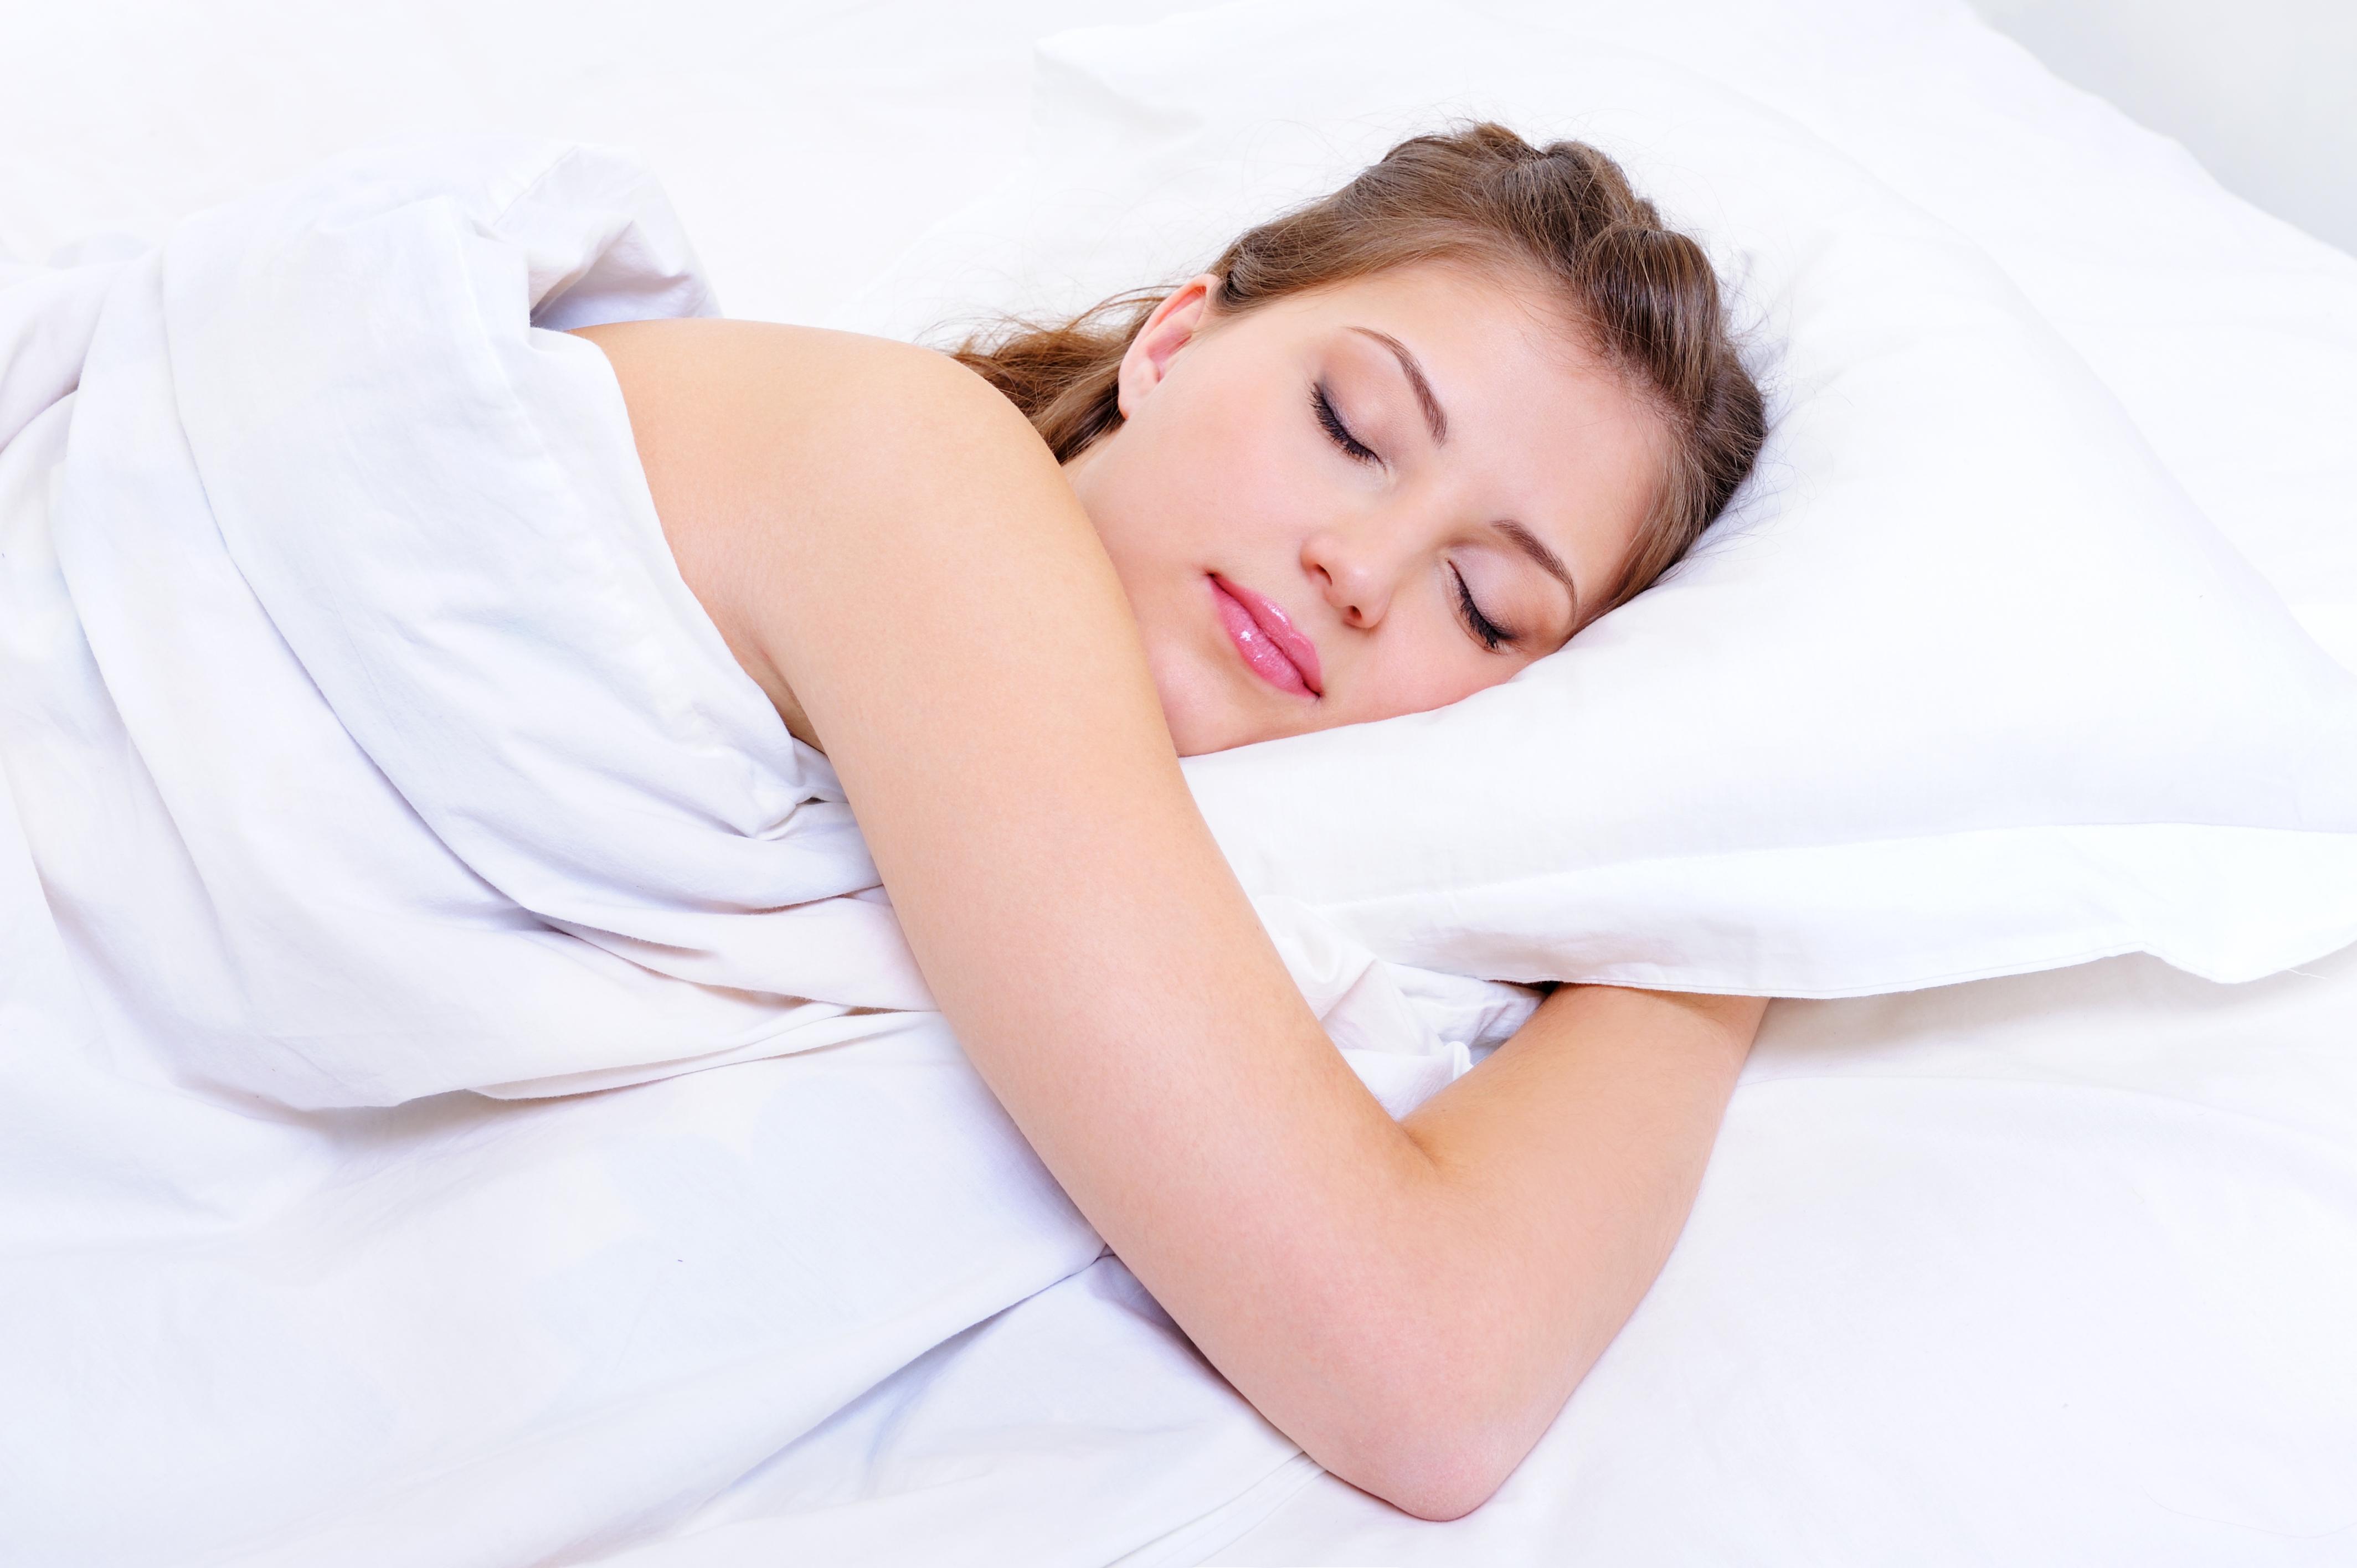 Ako v noci spávate?